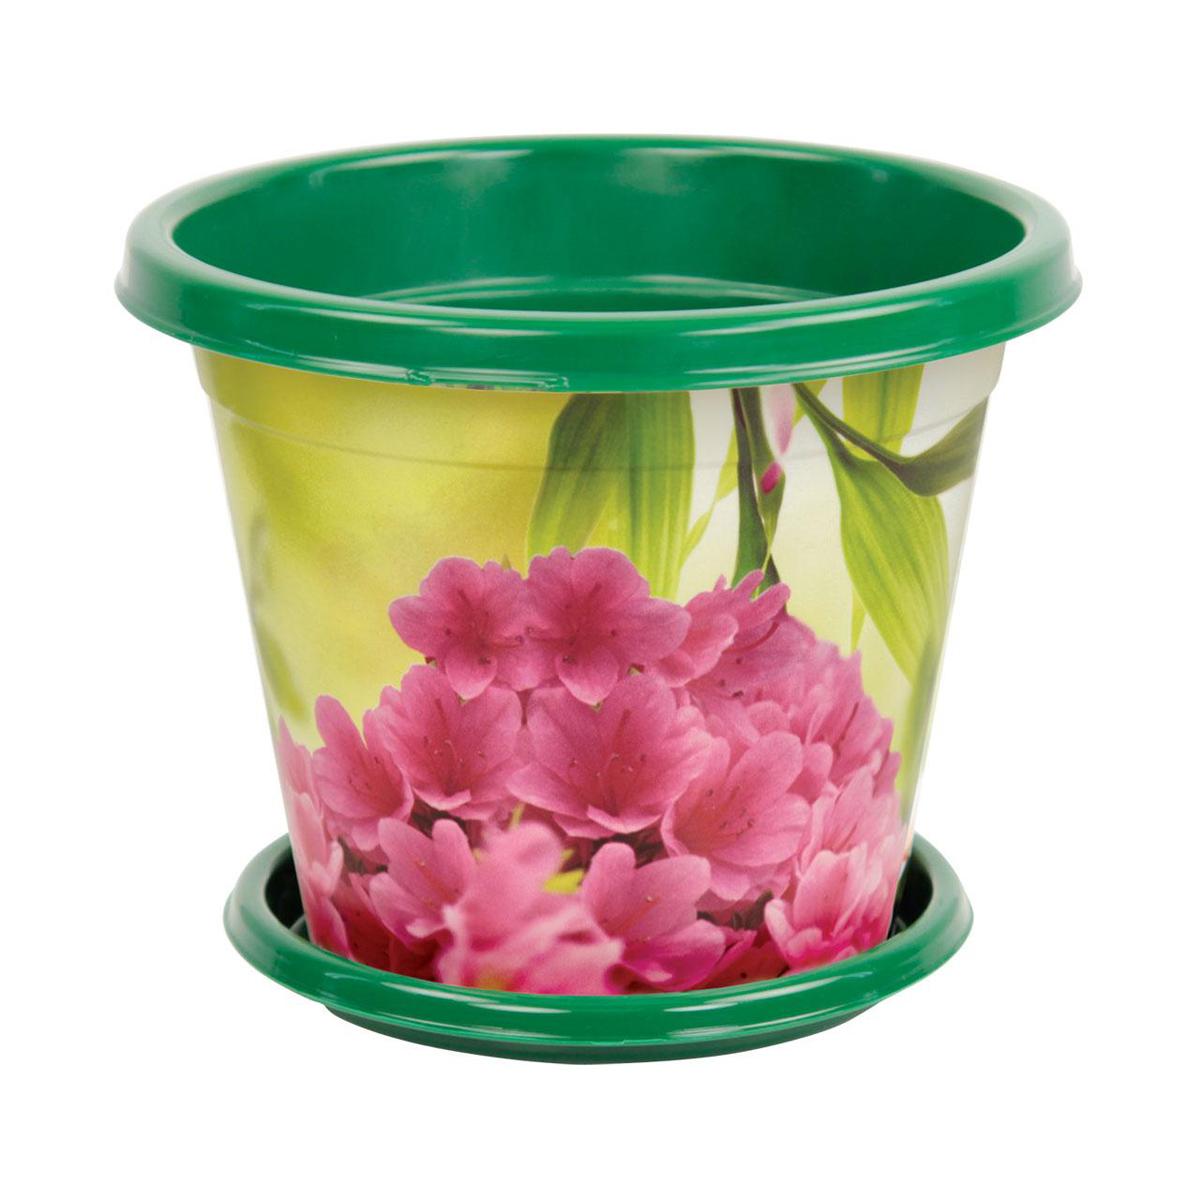 Горшок-кашпо Альтернатива Азалия, с поддоном, 3 л. М1725М1725Горшок-кашпо Альтернатива Азалия изготовлен из высококачественного пластика и подходит для выращивания растений и цветов в домашних условиях. Такие изделия часто становятся последним штрихом, который совершенно изменяет интерьер помещения или ландшафтный дизайн сада. Благодаря такому горшку-кашпо вы сможете украсить вашу комнату, офис, сад и другие места. Изделие оснащено специальным поддоном и декорировано ярким изображением цветов. Объем горшка: 3 л. Диаметр горшка (по верхнему краю): 21 см. Высота горшка: 17,5 см. Диаметр поддона: 16 см.